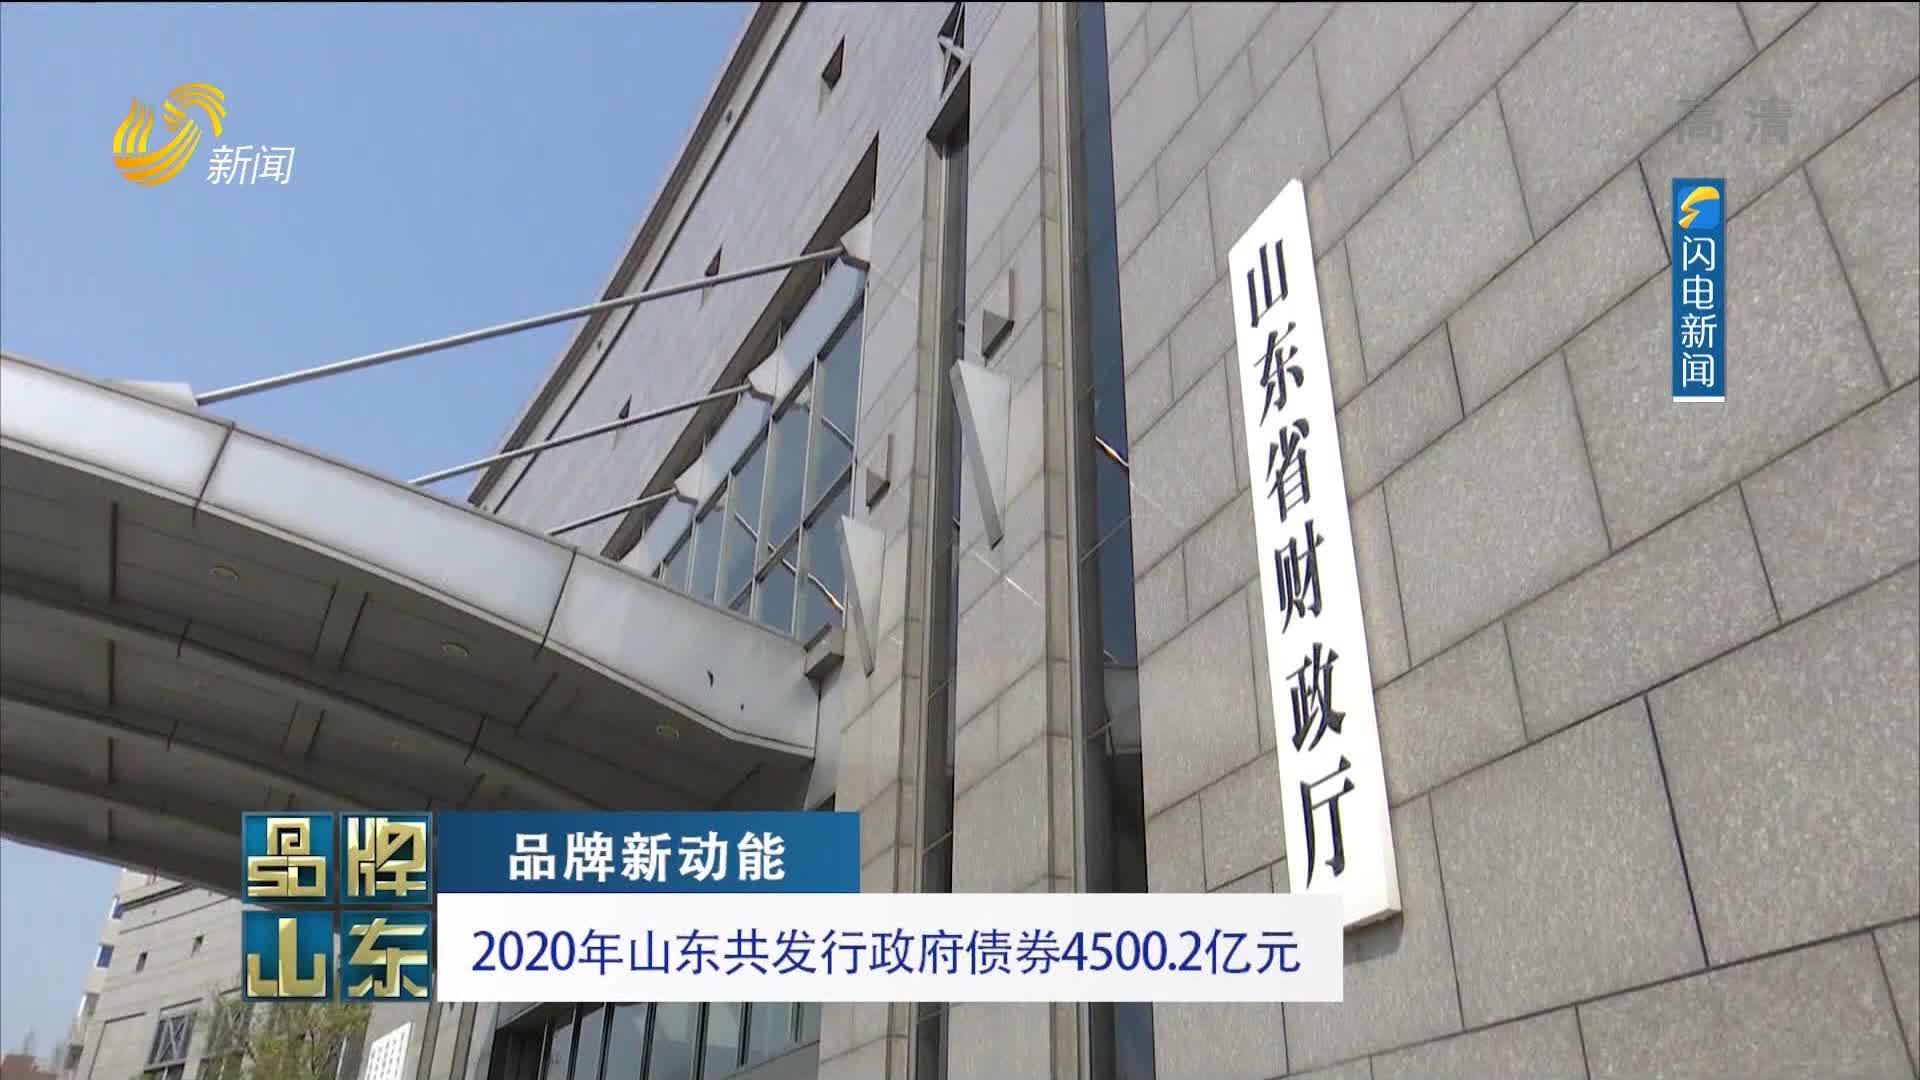 【品牌新动能】2020年山东共发行政府债券4500.2亿元